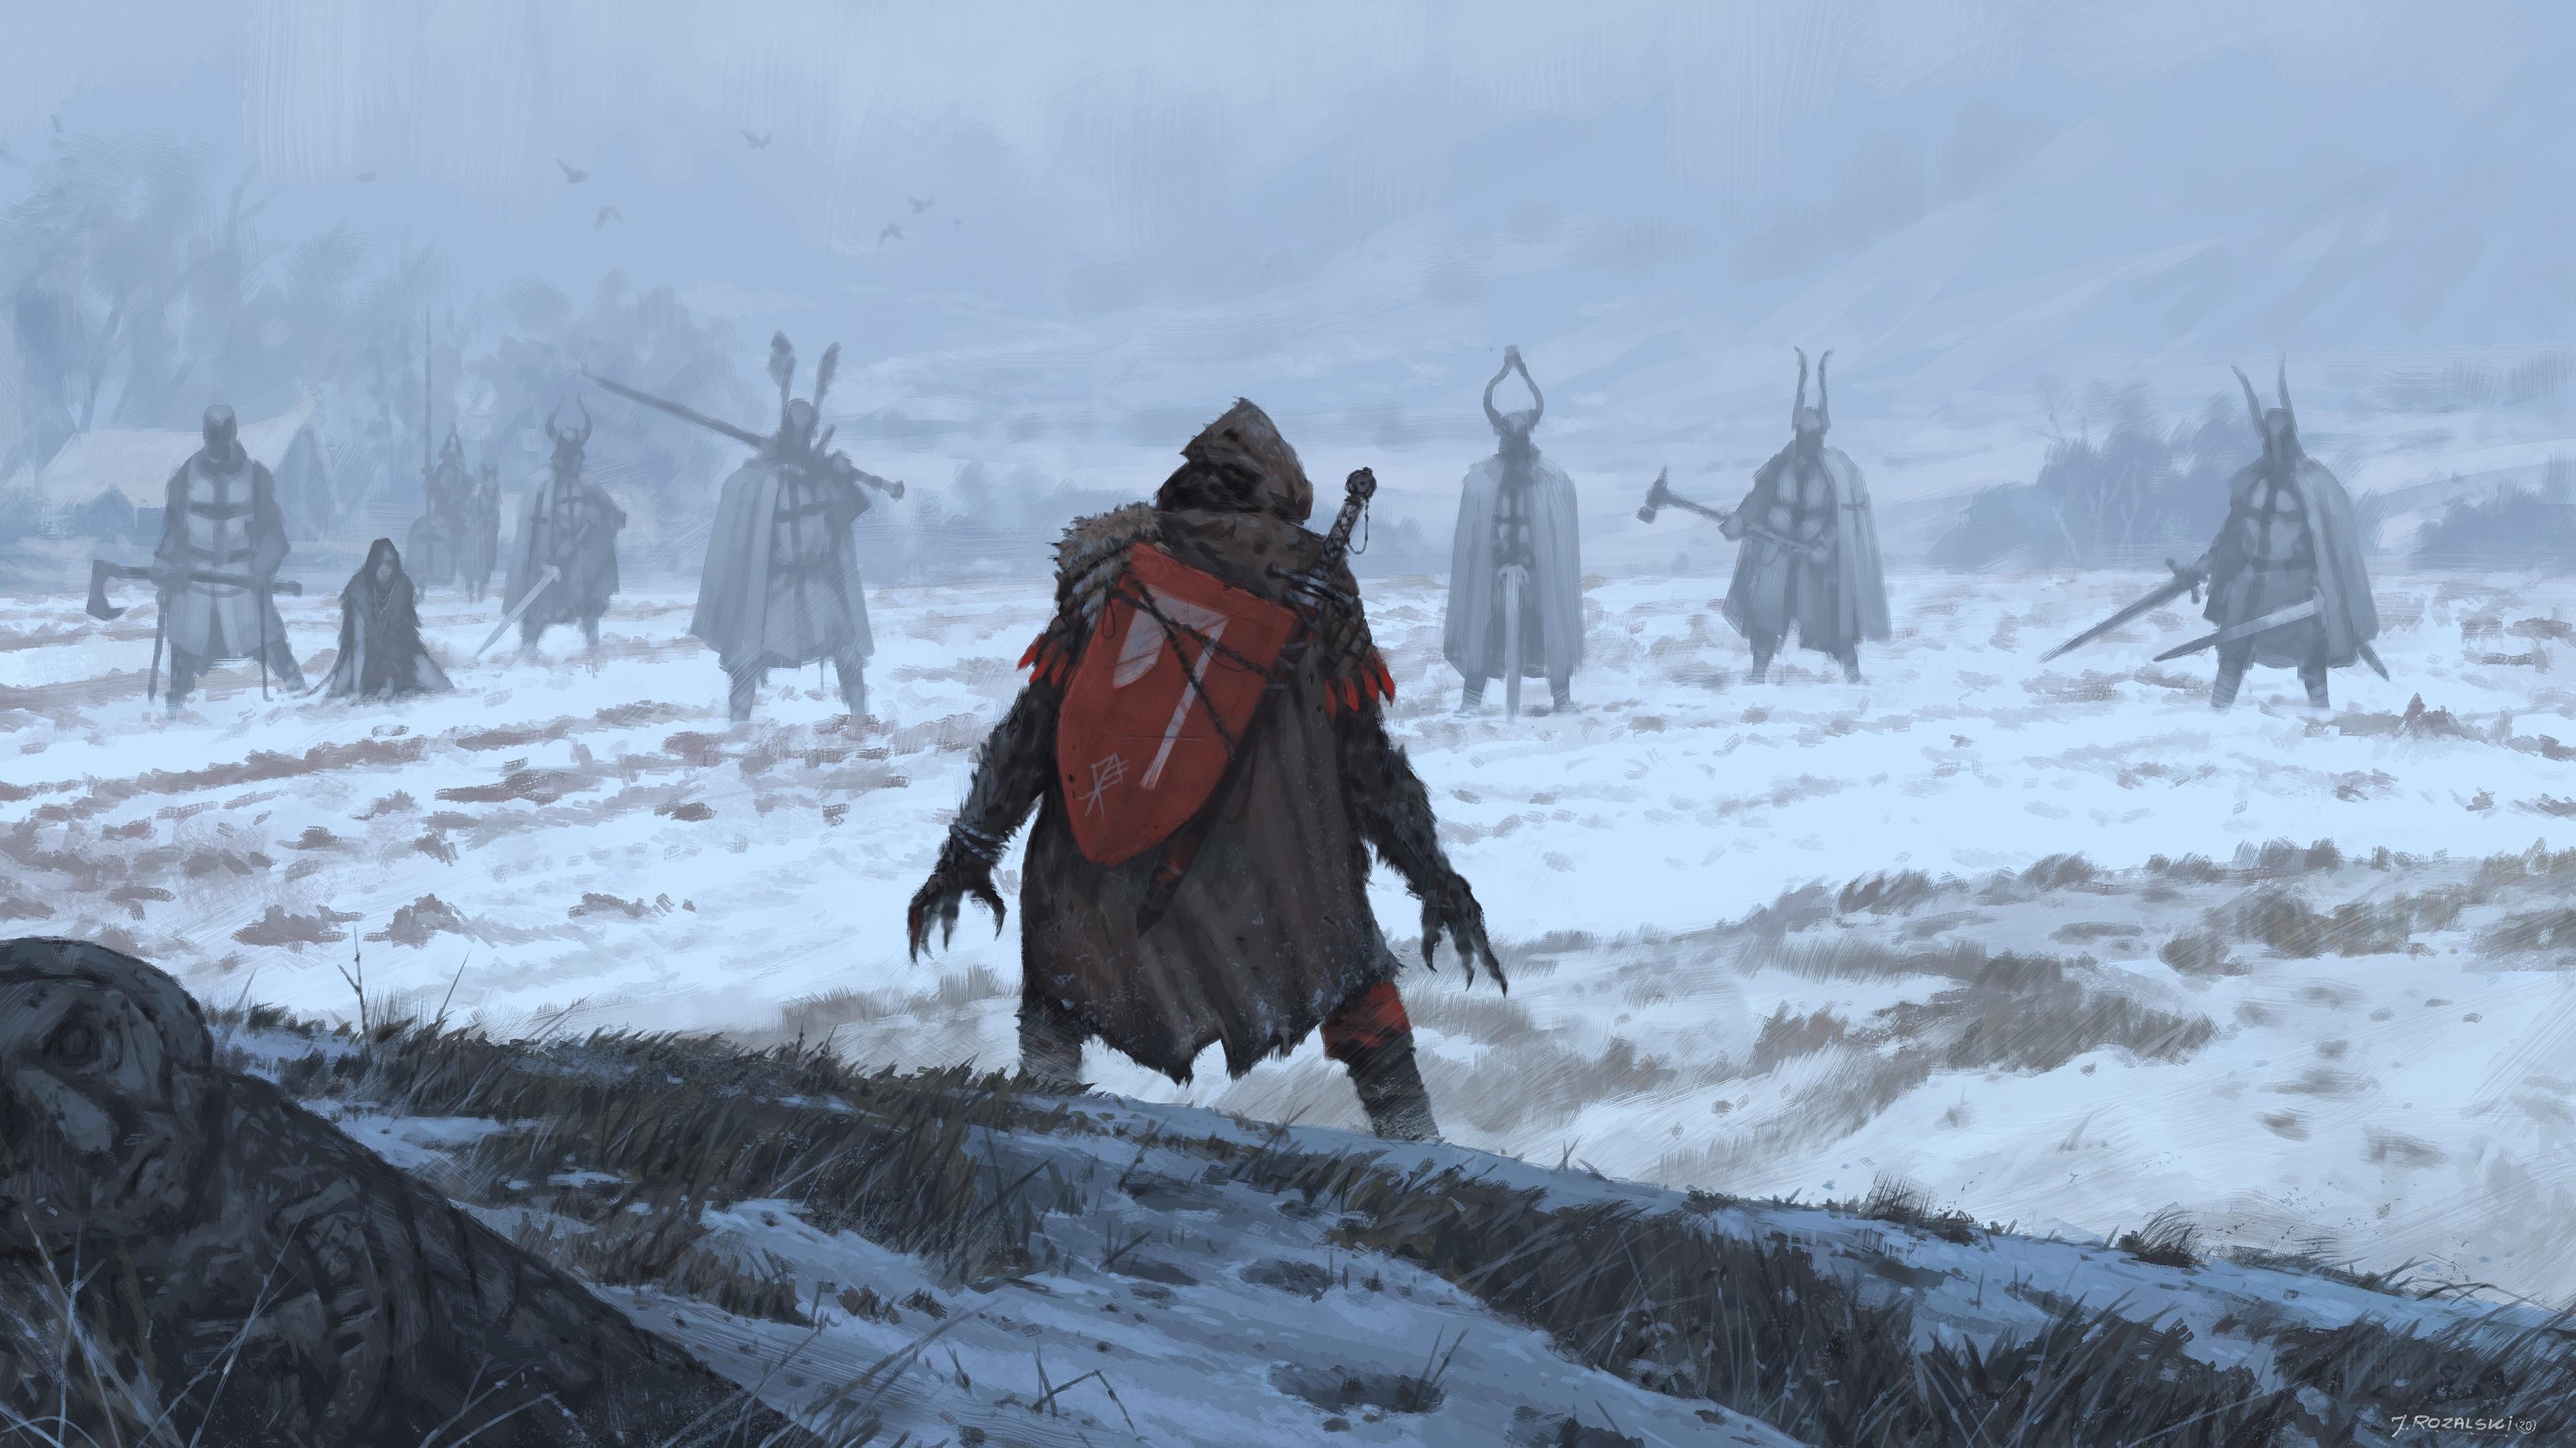 General 3840x2159 knight Knights Templar viking digital digital art fantasy art illustration painting Werewolf werewolves Teutonic Order winter concept art dark dark fantasy